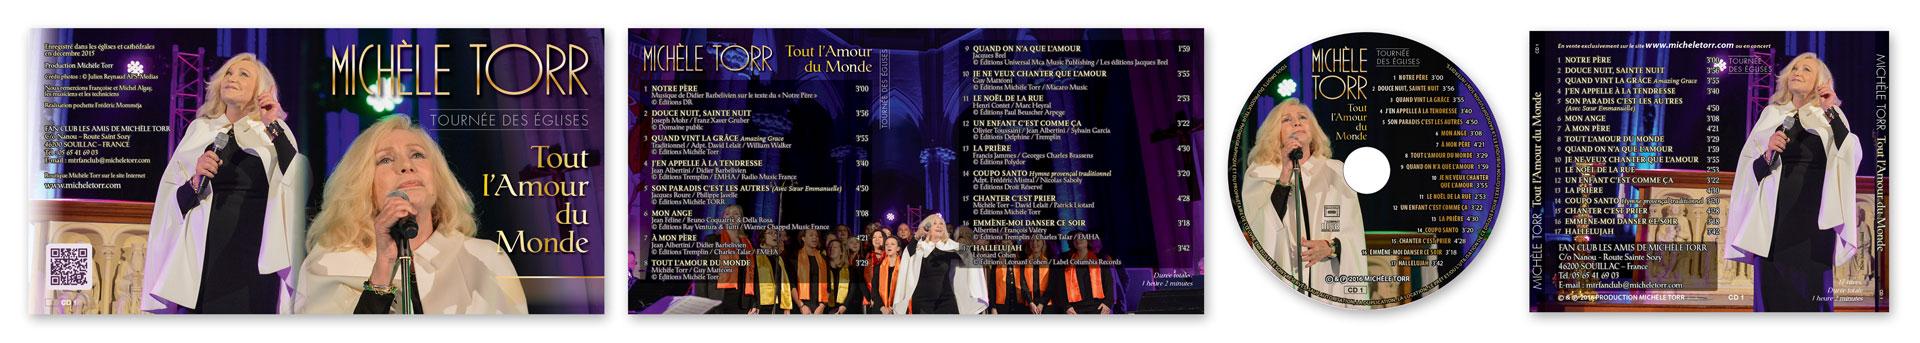 Pochette CD M. Torr Tout l'Amour du Monde